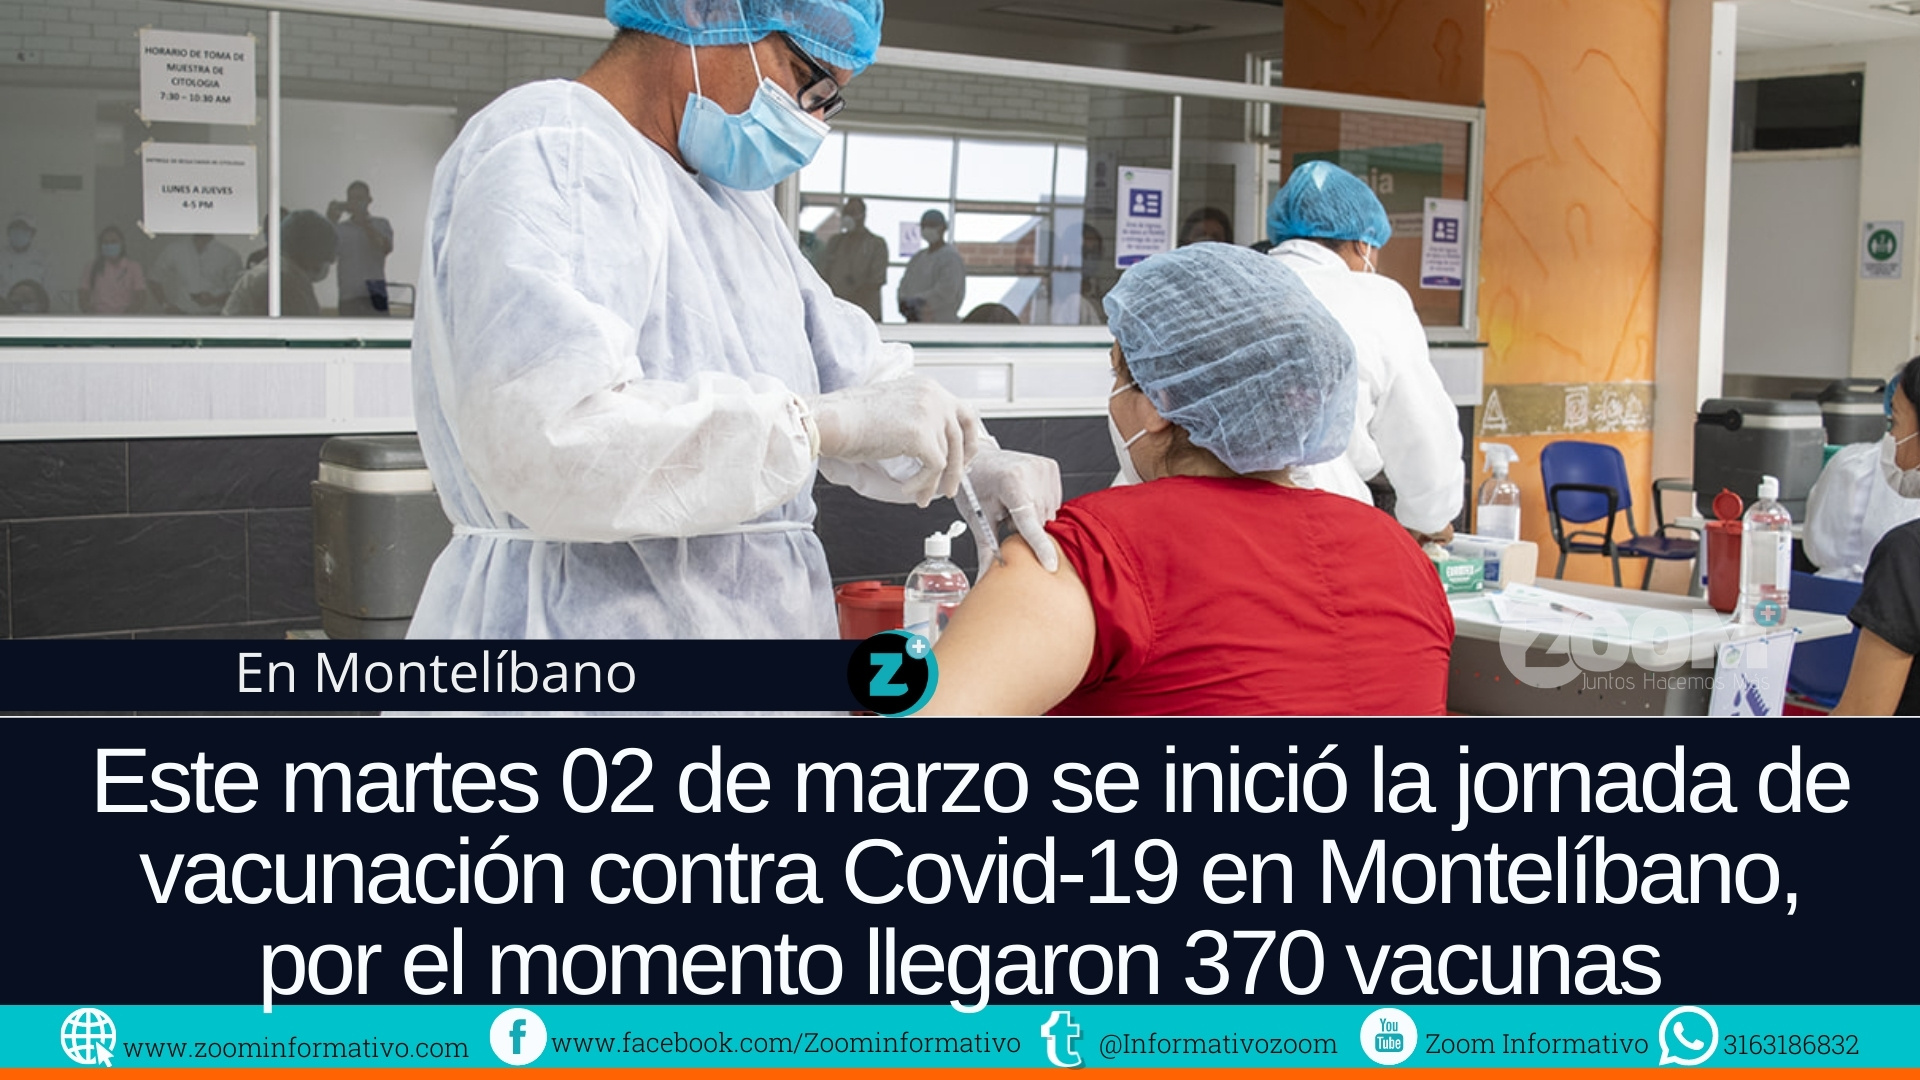 Auxiliar de enfermería primera persona vacunada contra Covid-19 en Montelíbano